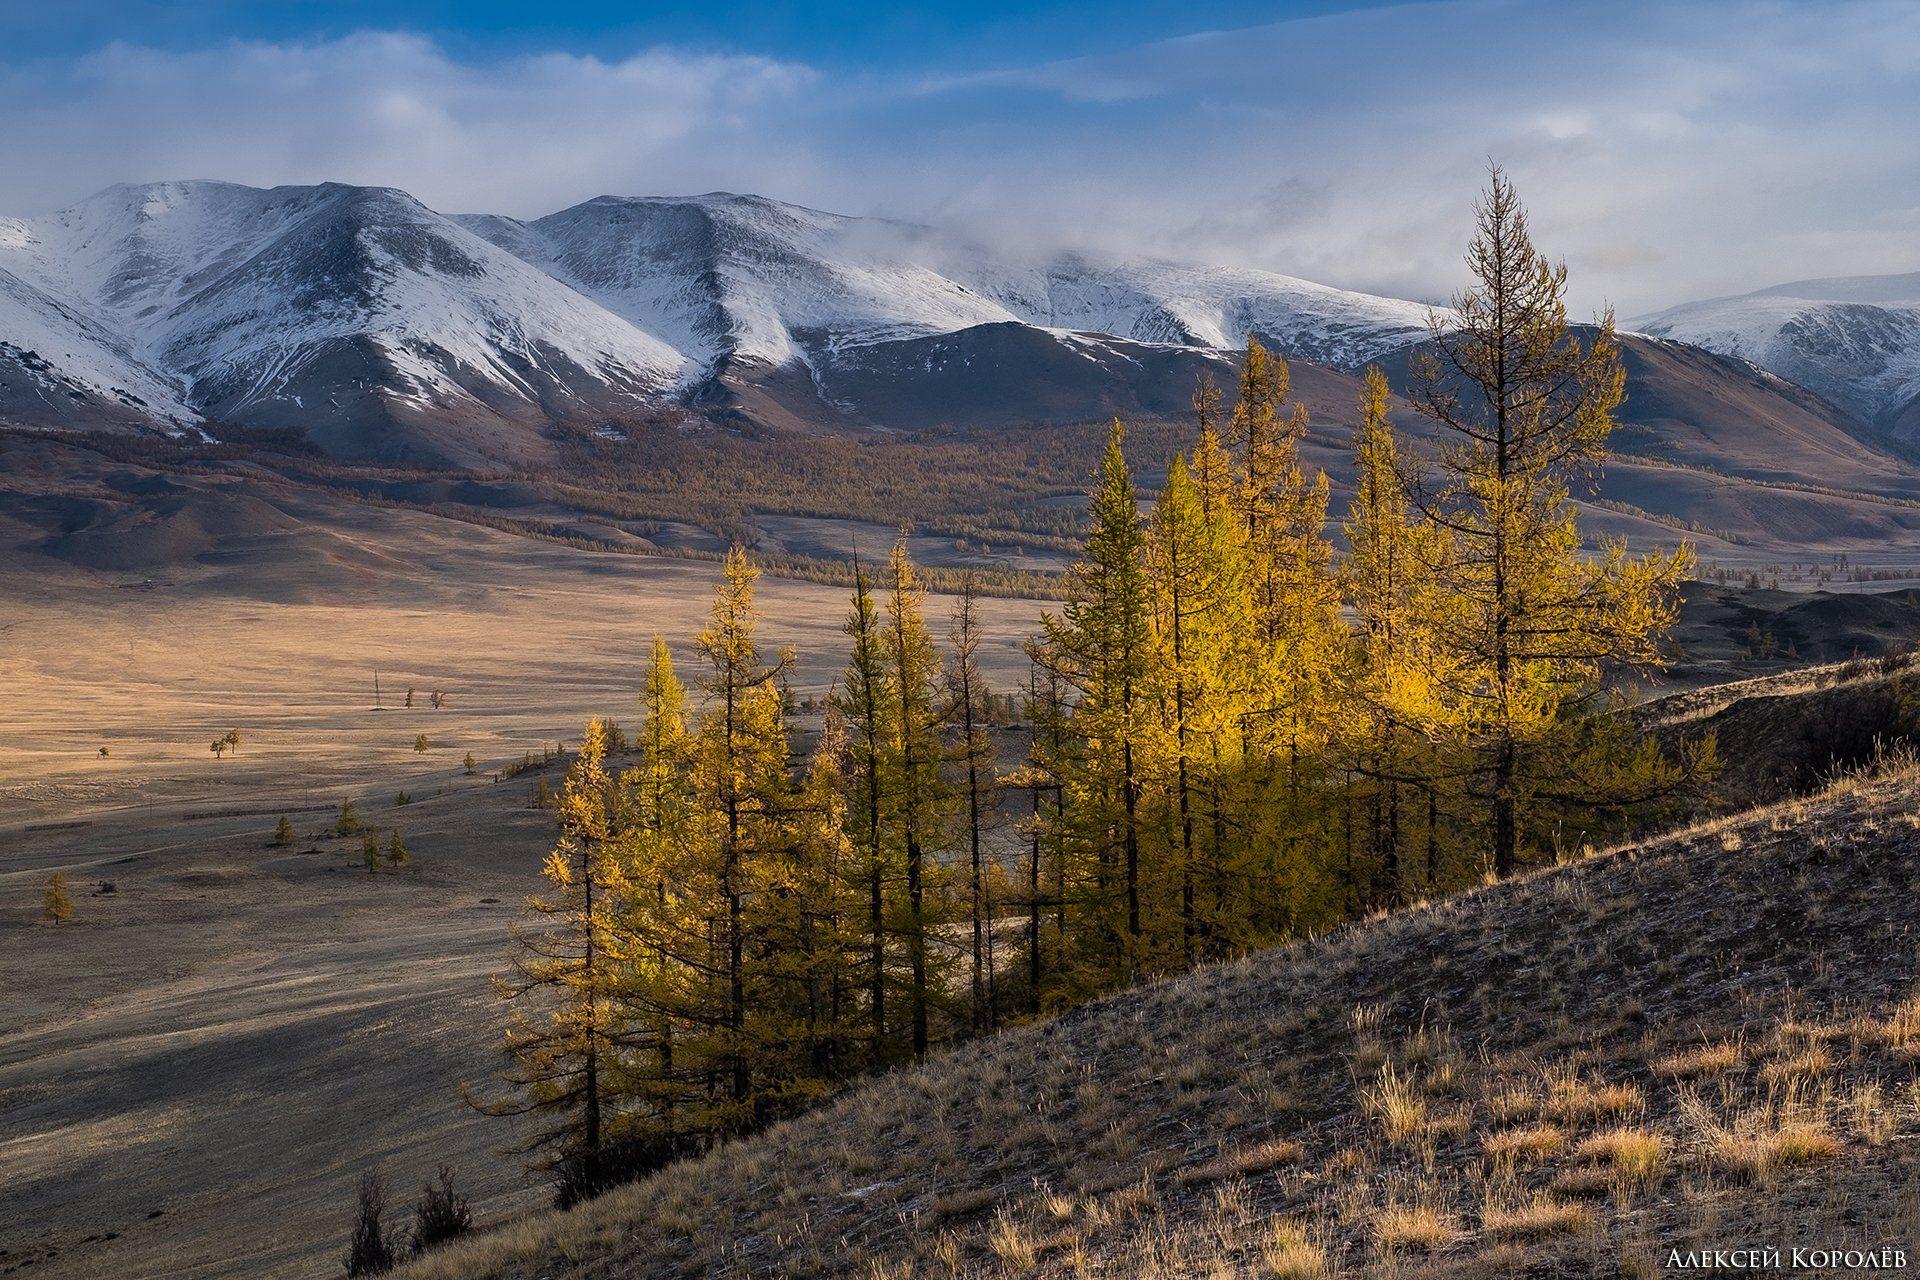 алтай, курайская степь, пейзаж, природа, осень, горы, Алексей Королёв